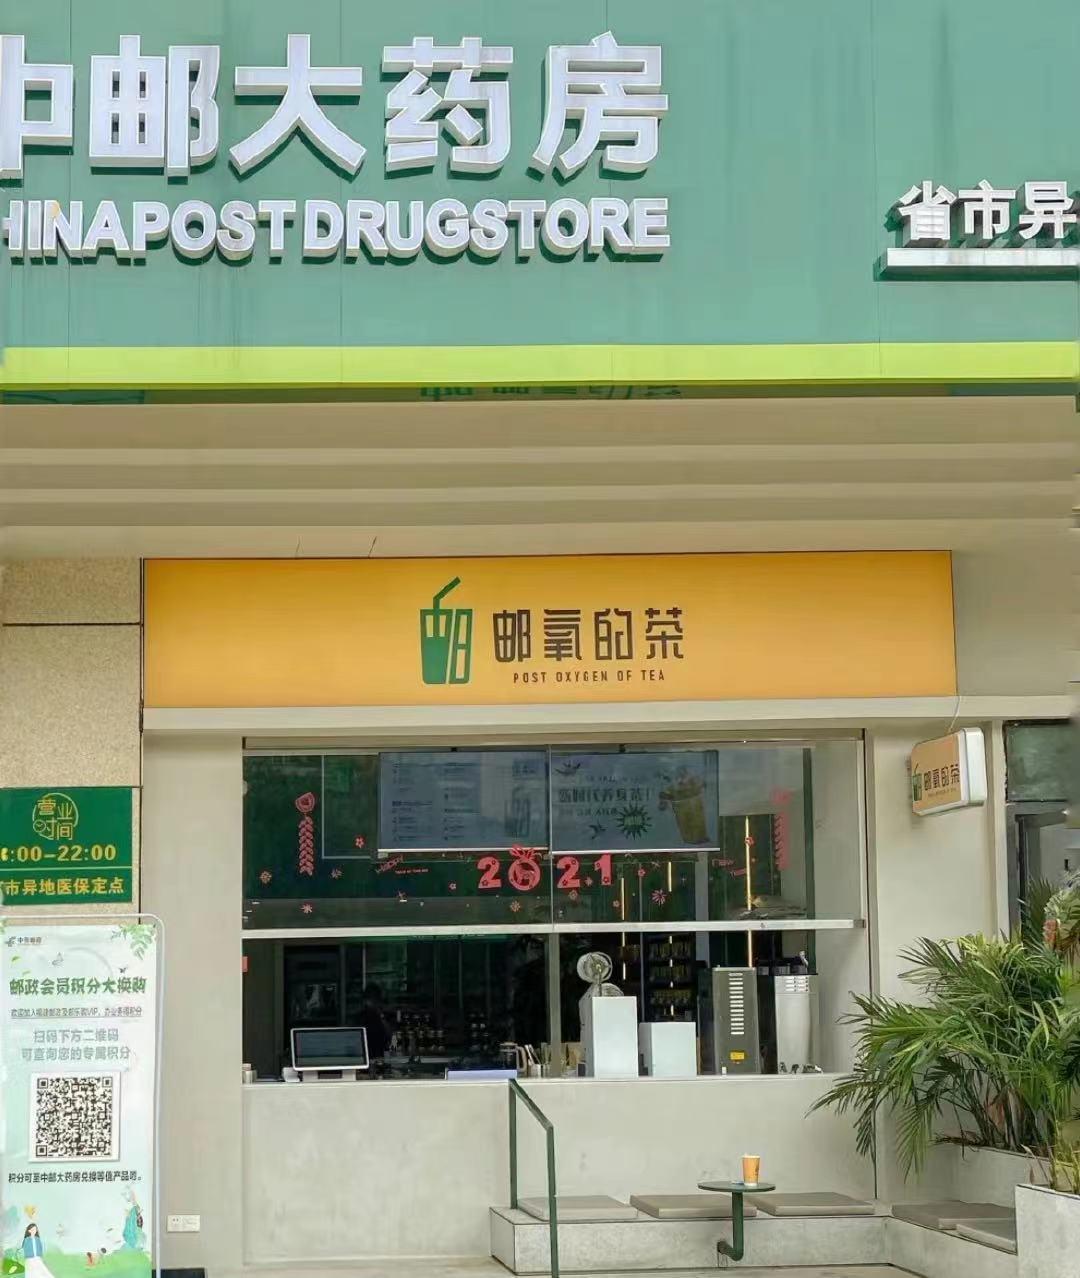 """中国邮政成立奶茶店 店名""""邮氧的茶"""""""